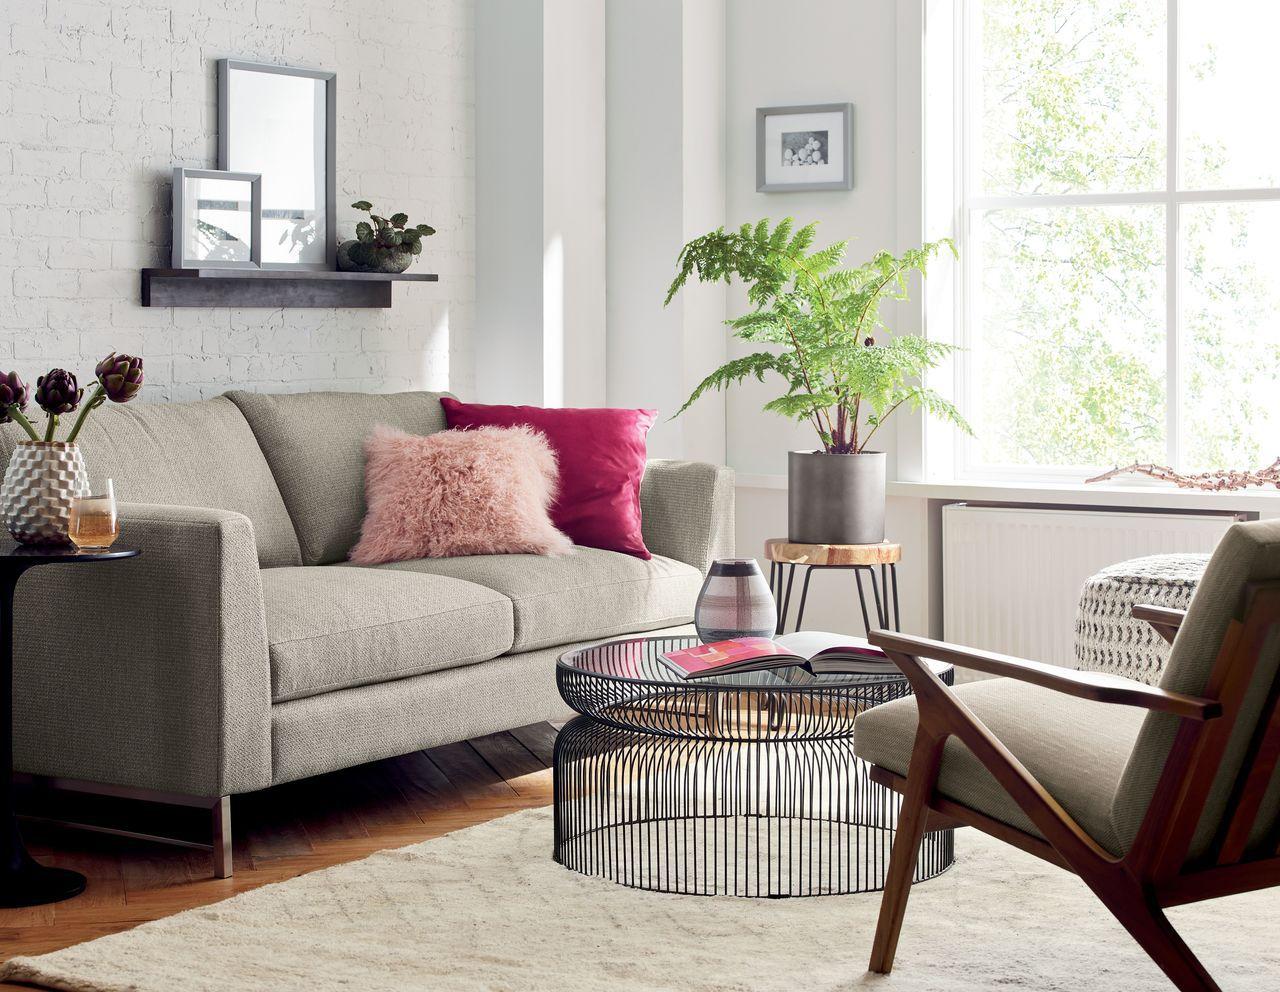 侷限空間在家具採購上,可選擇穿透性佳的玻璃桌面或金屬線材的桌、椅腳,增加地板可視...